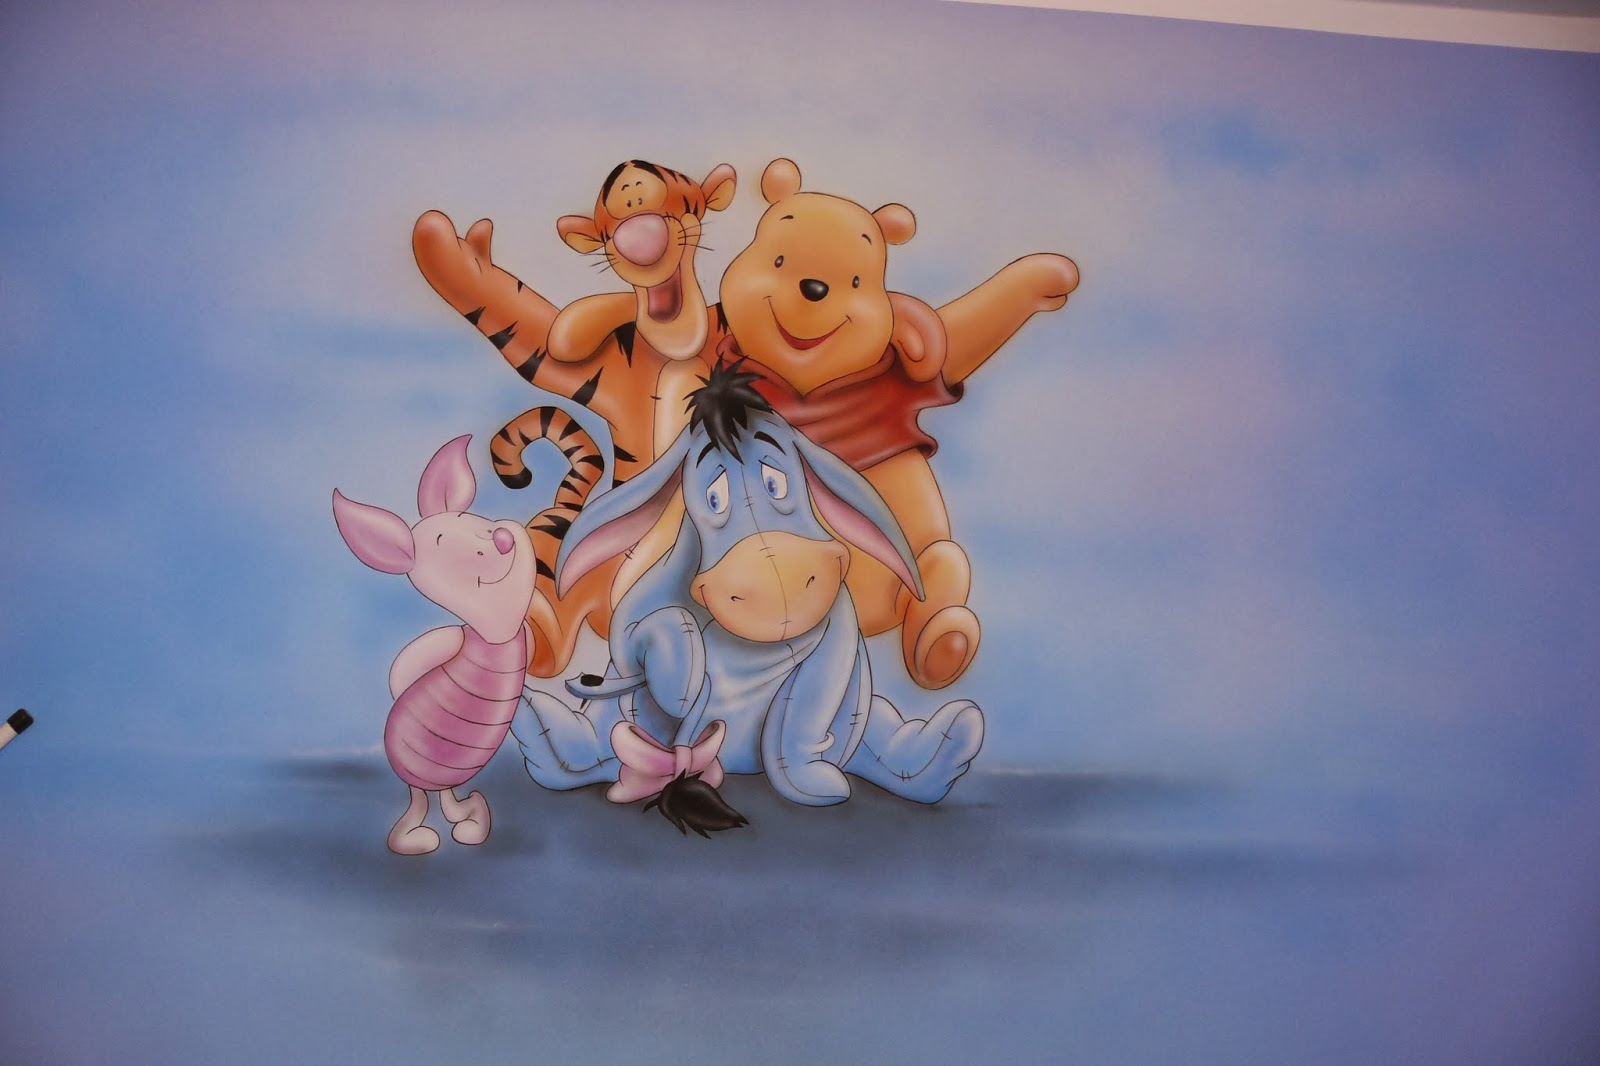 Artystyczne malowanie ściany, motyw przedstawia Kubusia Puchatka, obraz namalowany na ścianie w pokoju dziecka